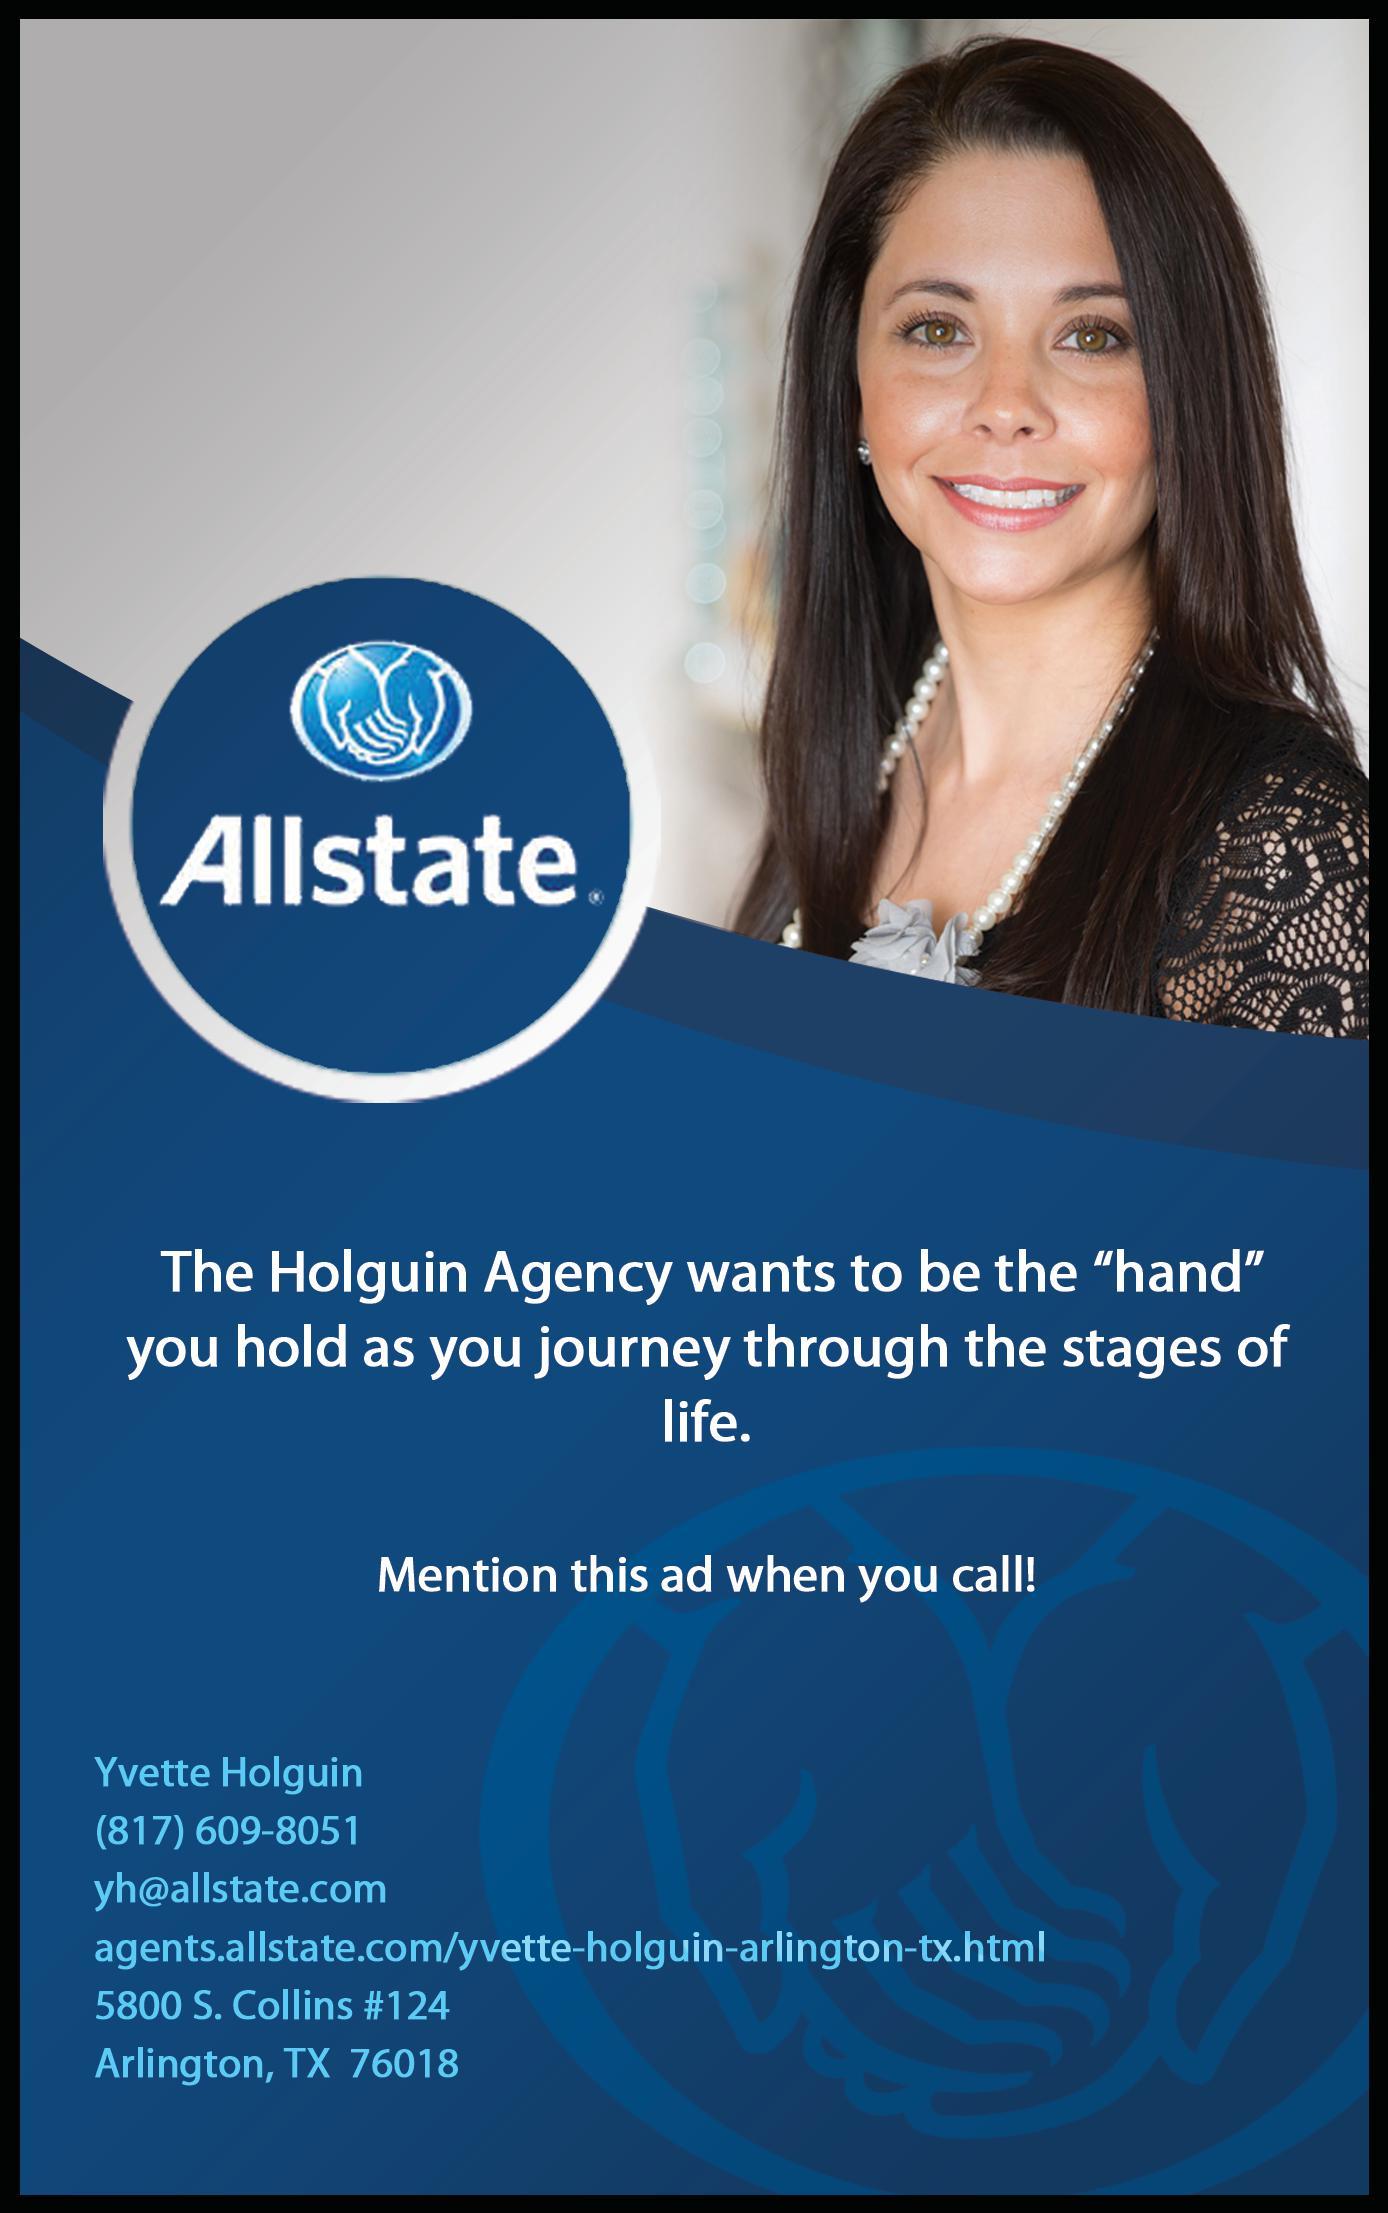 Allstate  Insurance -  The Holguin Agency